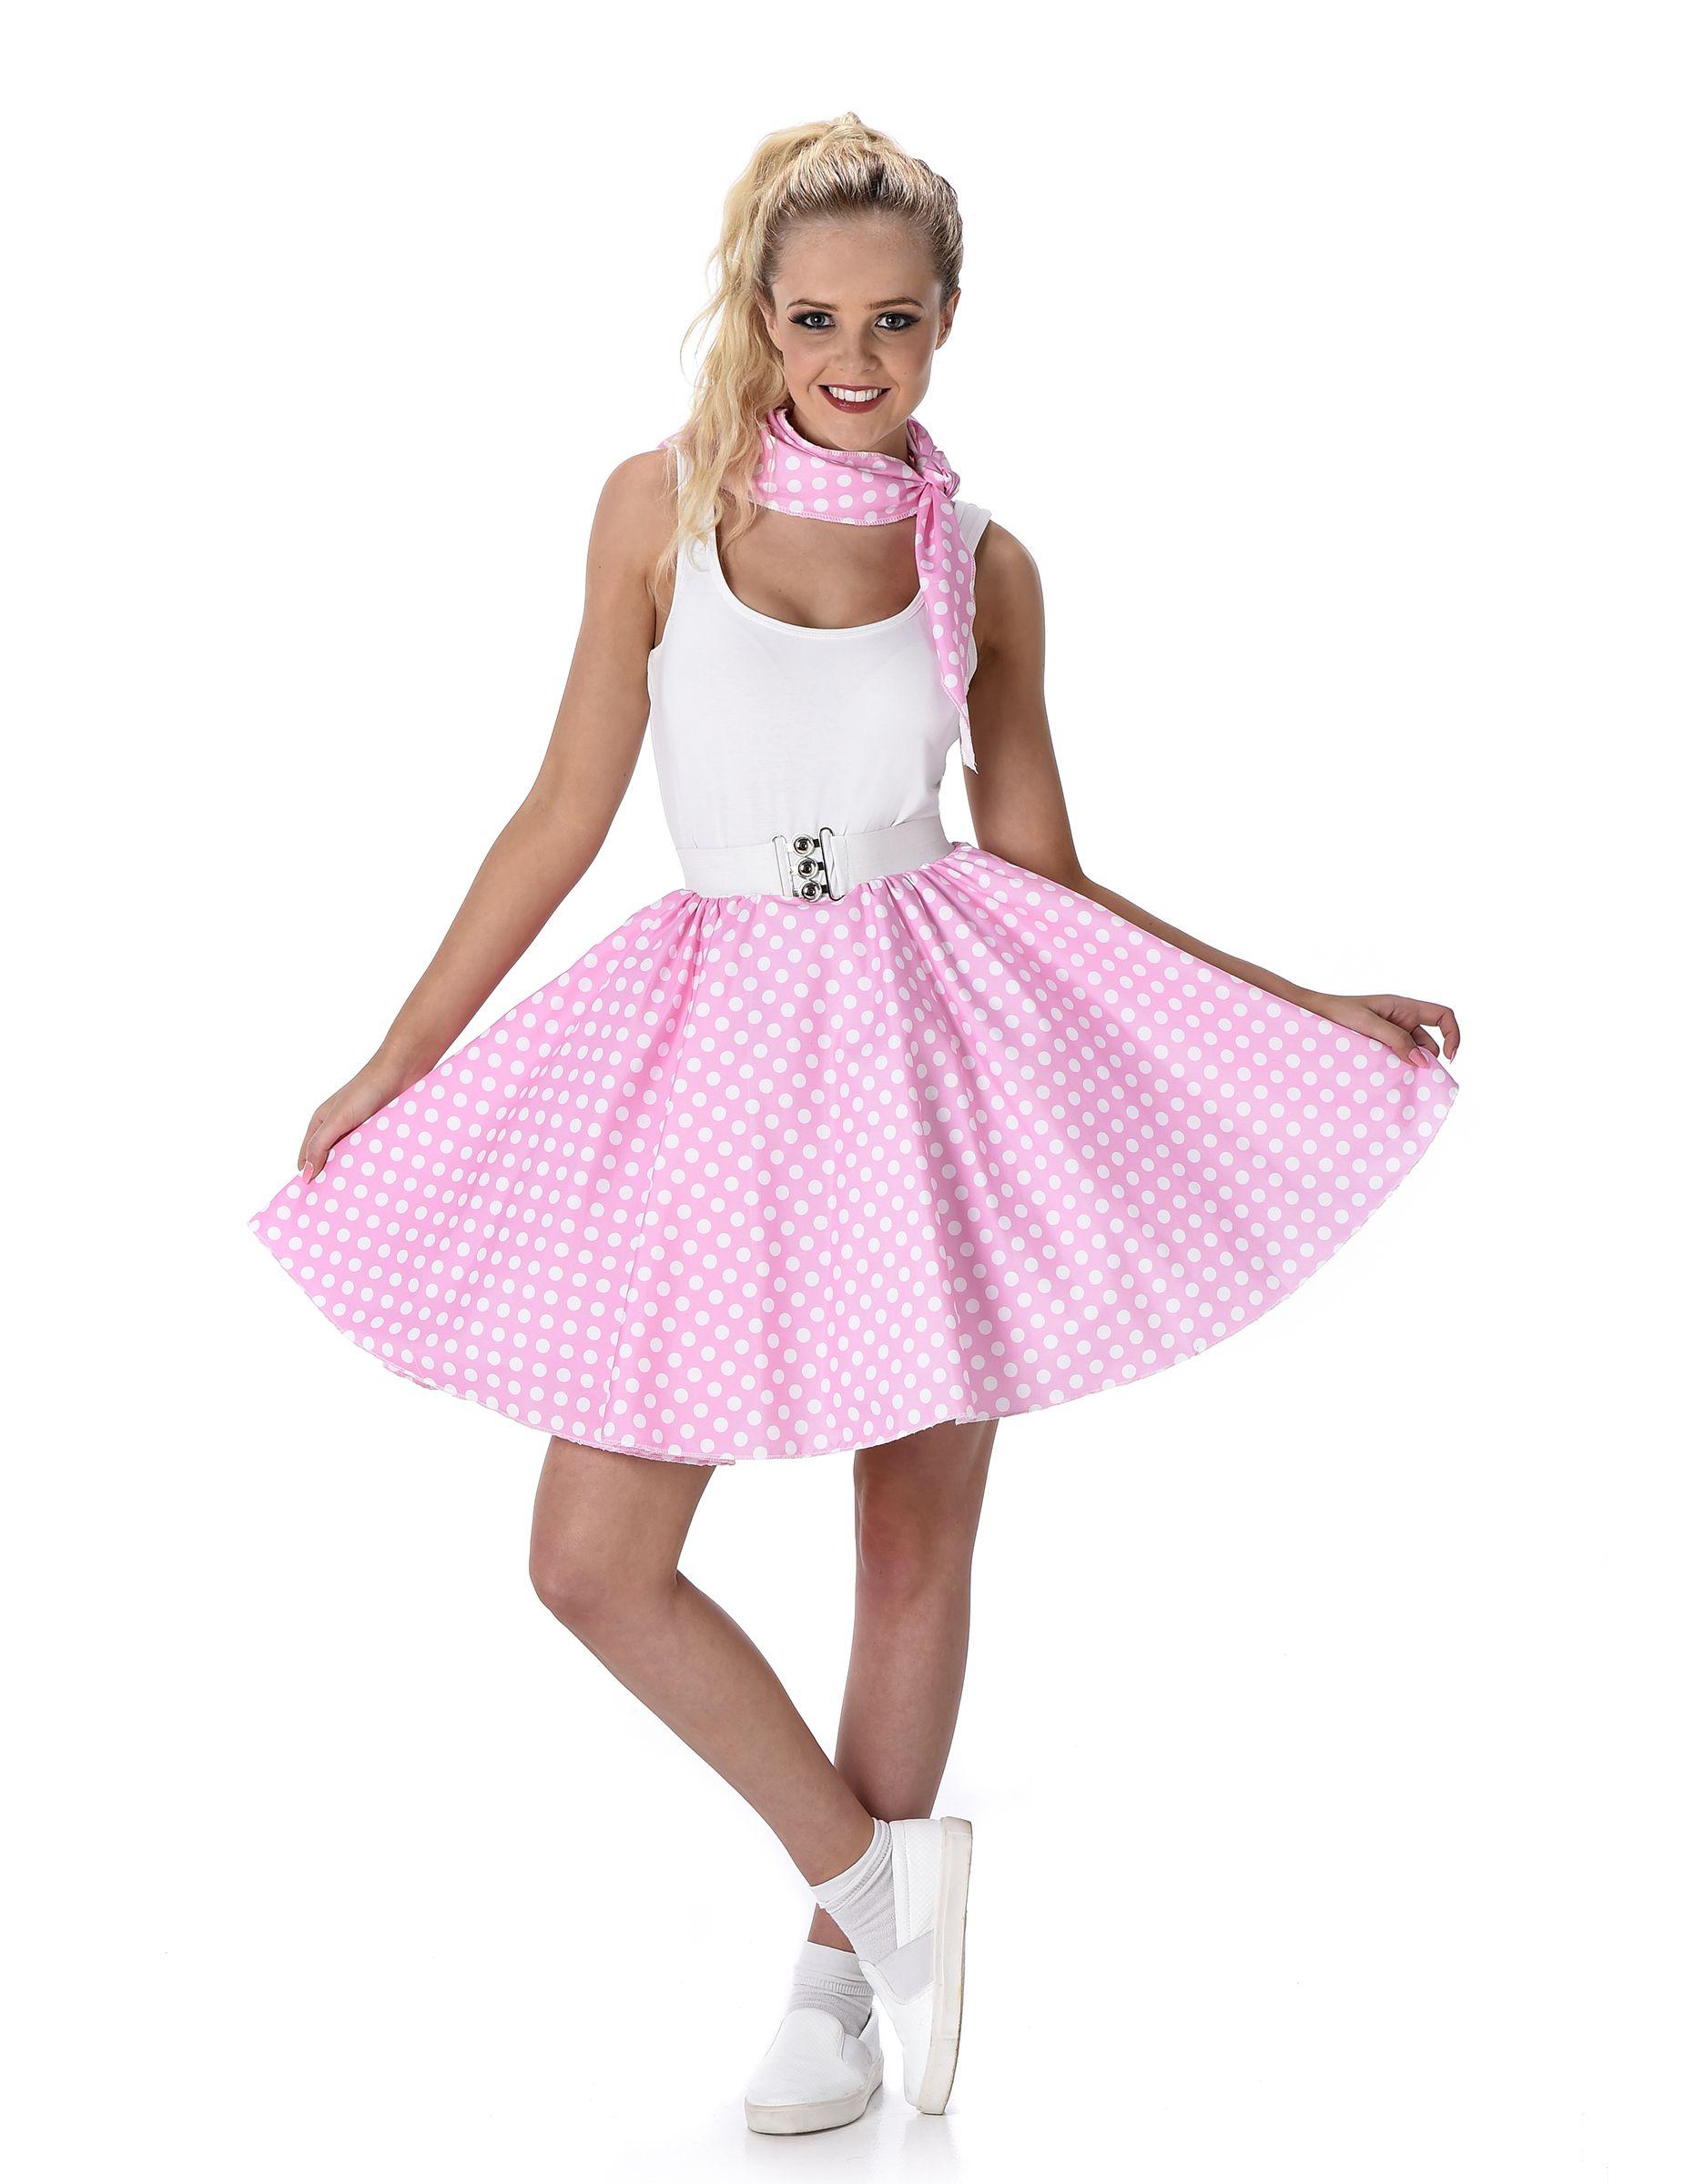 Disfraz años 50 rosa con puntos blancos mujer | Disfraz de los años ...